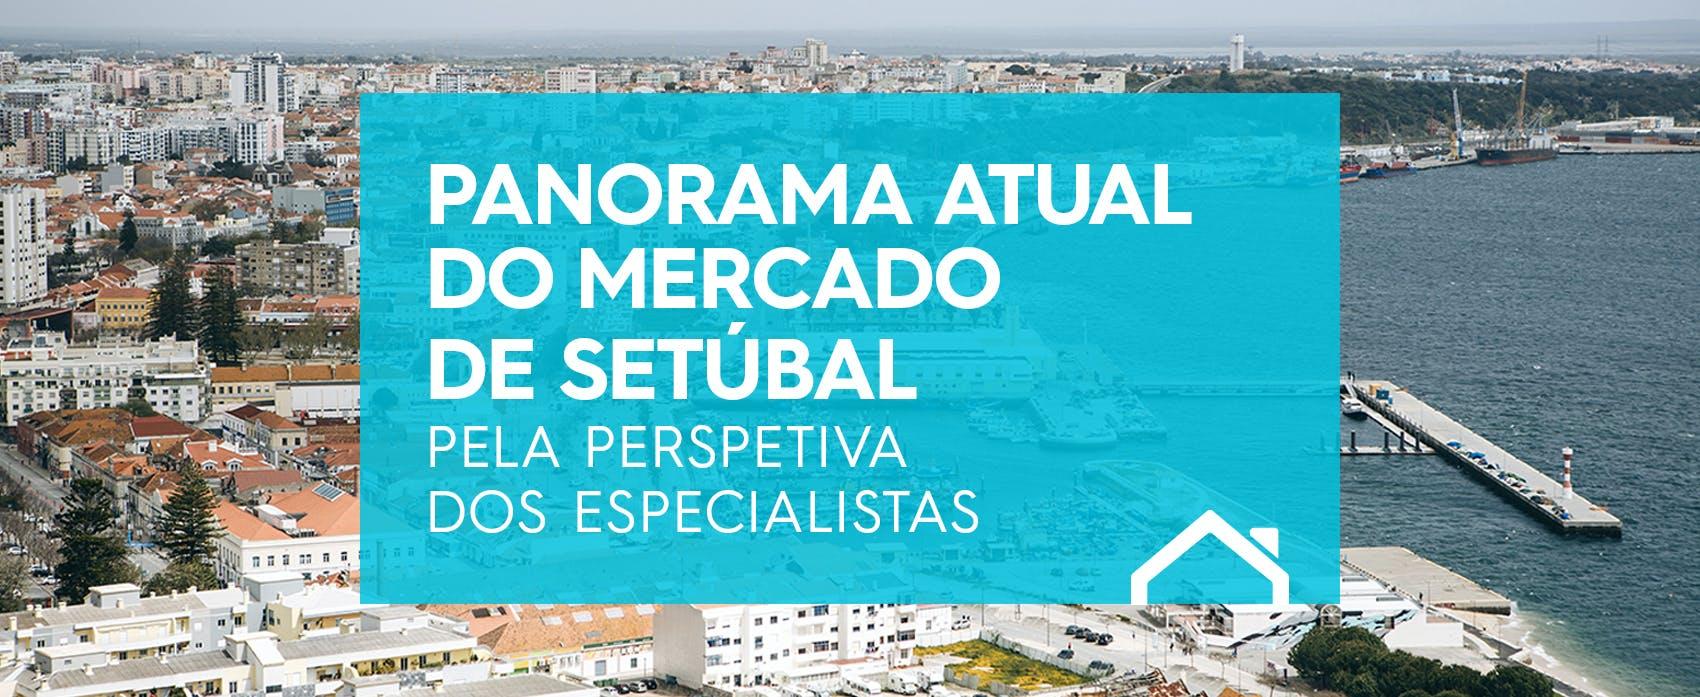 O panorama atual do Mercado Imobiliário de Setúbal pela perspectiva dos Especialistas